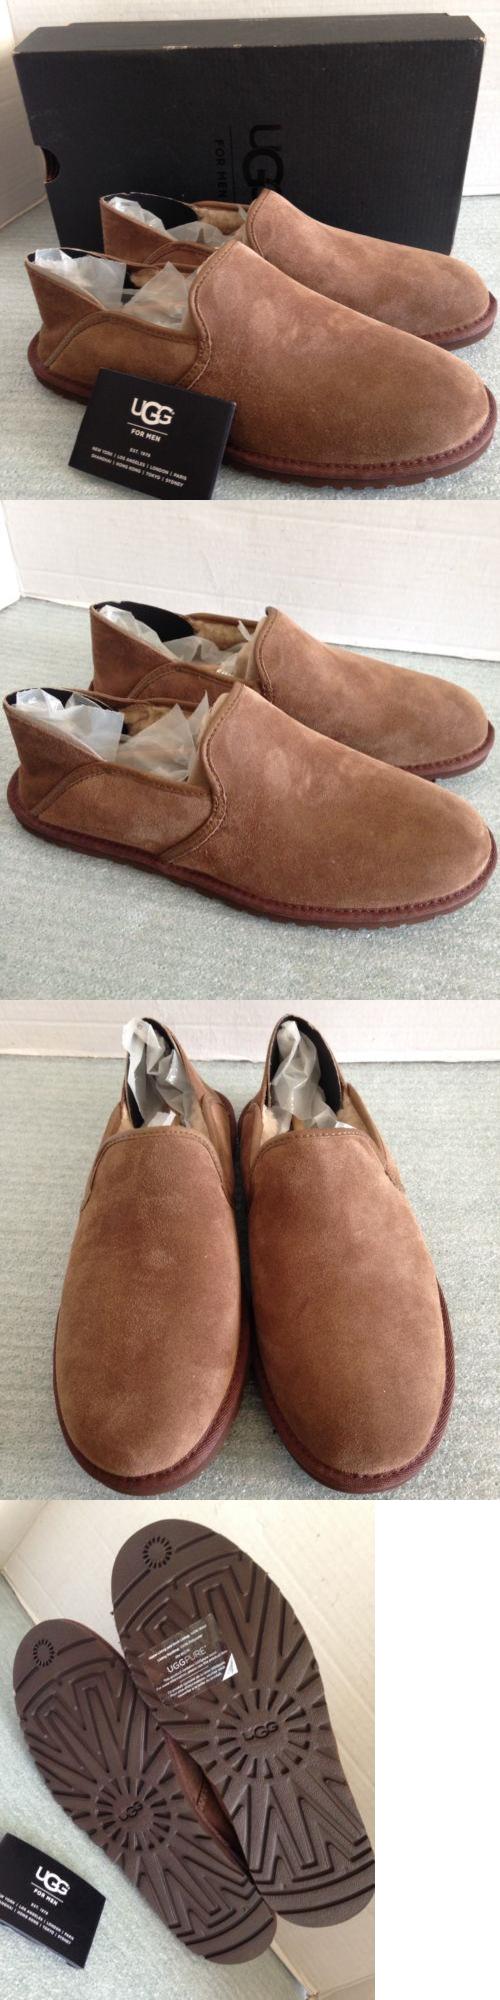 b2015af1b78 Slippers 11505: New Ugg Cooke Loafer Men Slippers 1013485-Dkc Dark ...